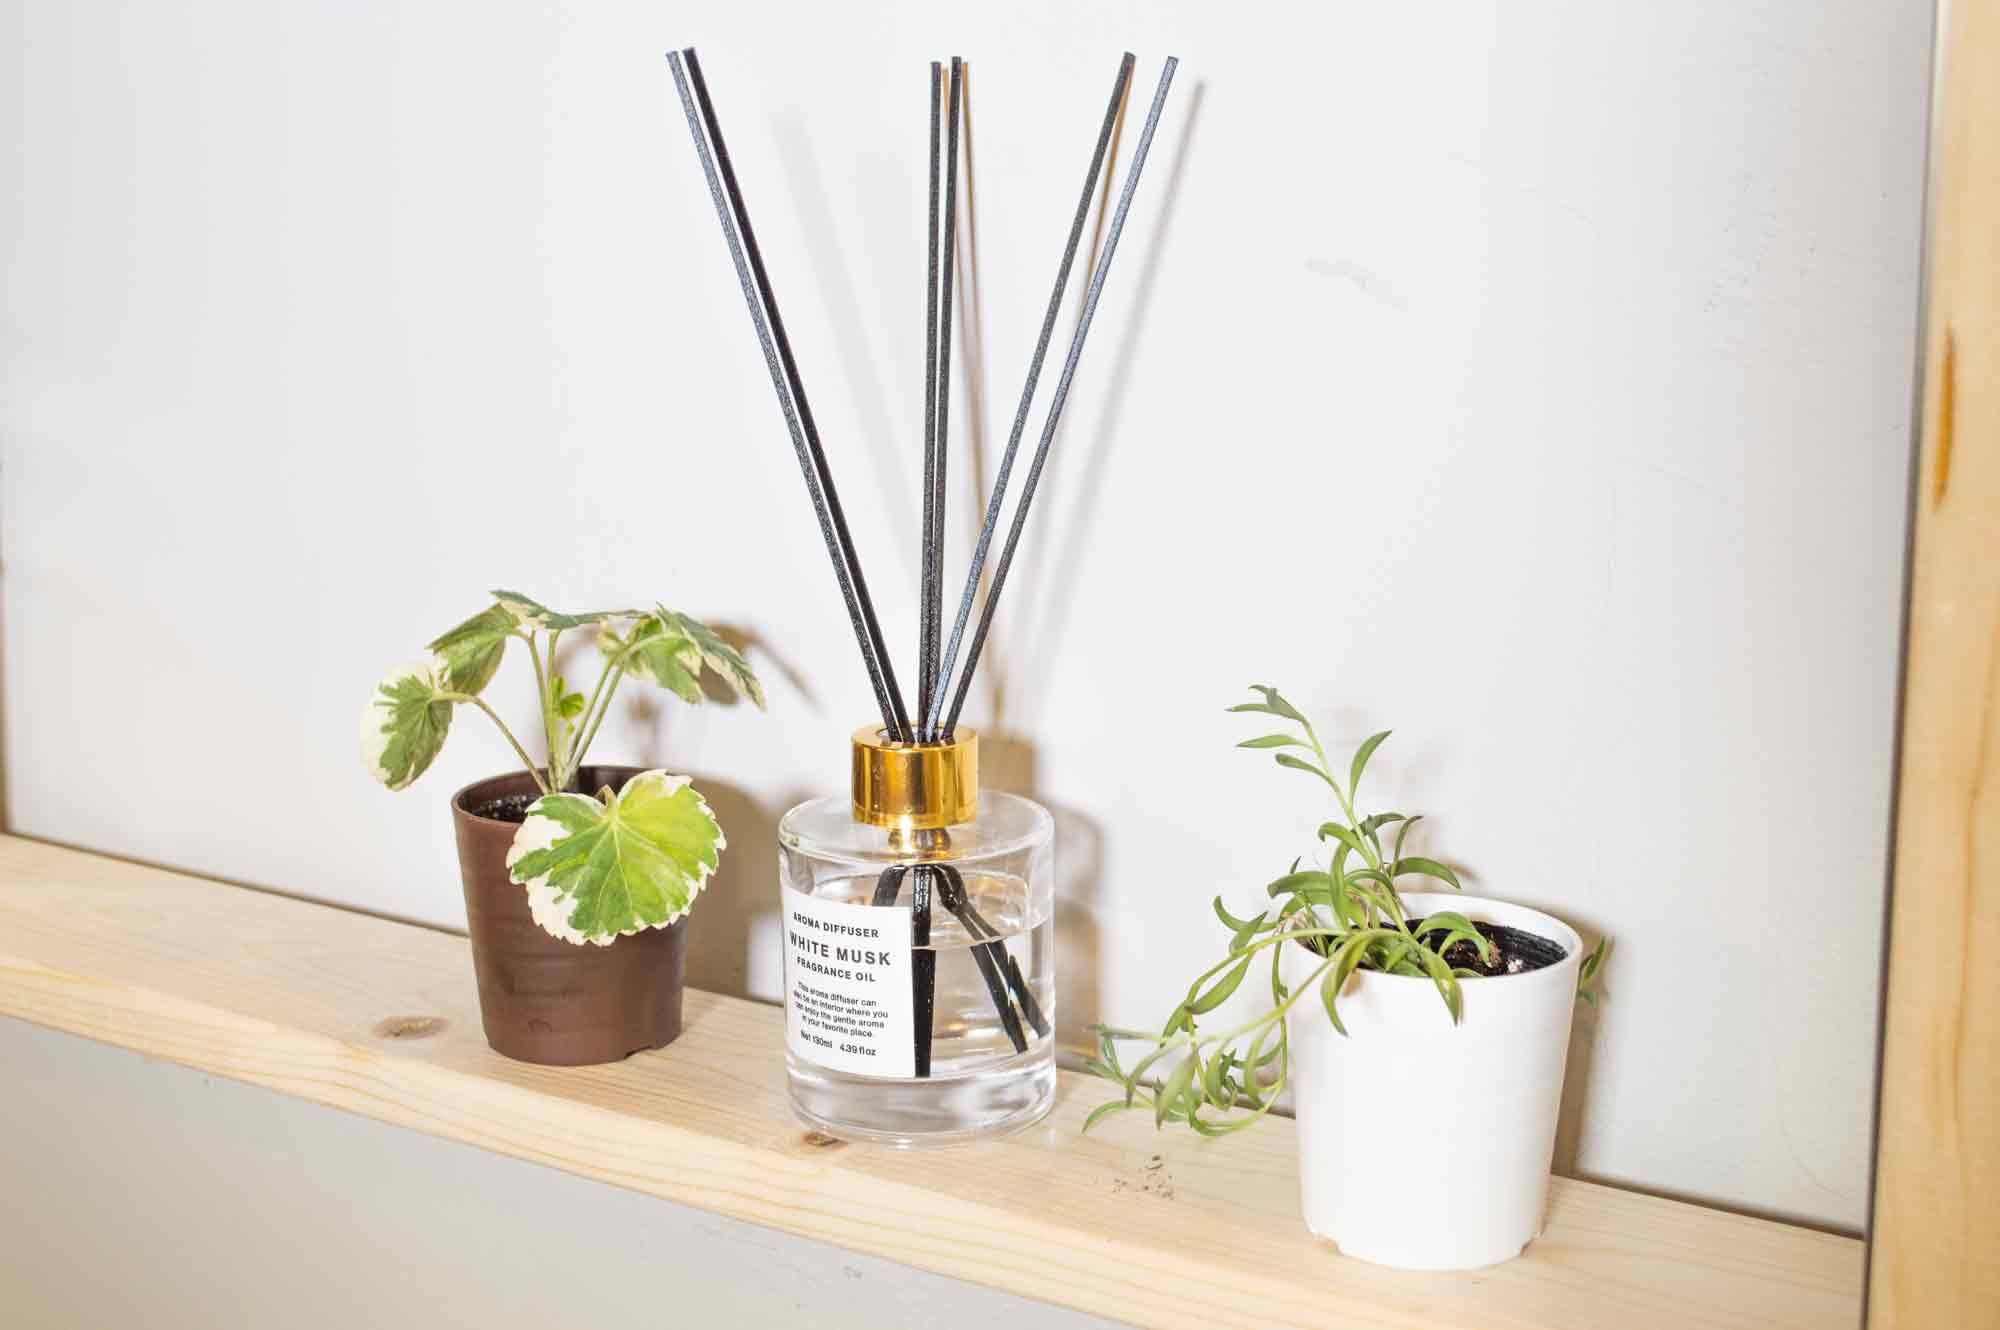 棚に置いたリードディフューザーと観葉植物